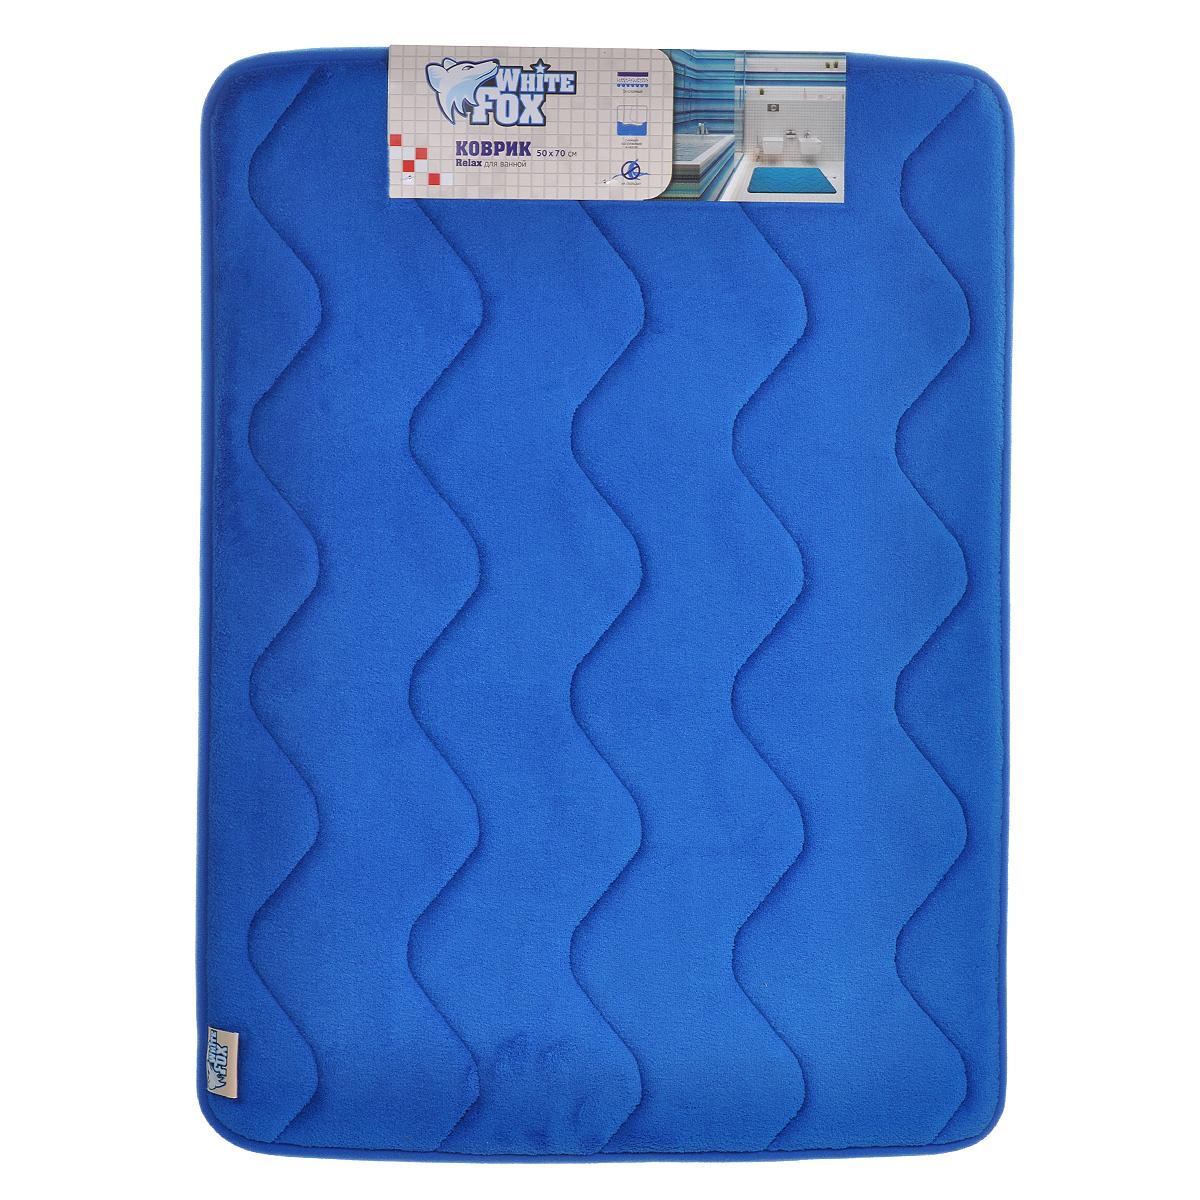 Коврик для ванной White Fox Relax. Волна, цвет: синий, 50 х 70 смWBBM20-136Коврик для ванной White Fox Relax. Волна подарит настоящий комфорт до и после принятия водных процедур. Коврик состоит из трех слоев: - верхний флисовый слой прекрасно дышит, благодаря чему коврик быстро высыхает; - основной слой выполнен из специального вспененного материала, который точно повторяет рельеф стопы, создает комфорт и полностью восстанавливает первоначальную форму; - нижний резиновый слой препятствует скольжению коврика на влажном полу.Коврик White Fox Relax. Волна равномерно распределяет нагрузку на всю поверхность стопы, снимая напряжение и усталость в ногах. Рекомендации по уходу: - ручная стирка; - не отбеливать; - не гладить; - можно подвергать химчистке; - деликатные отжим и сушка.